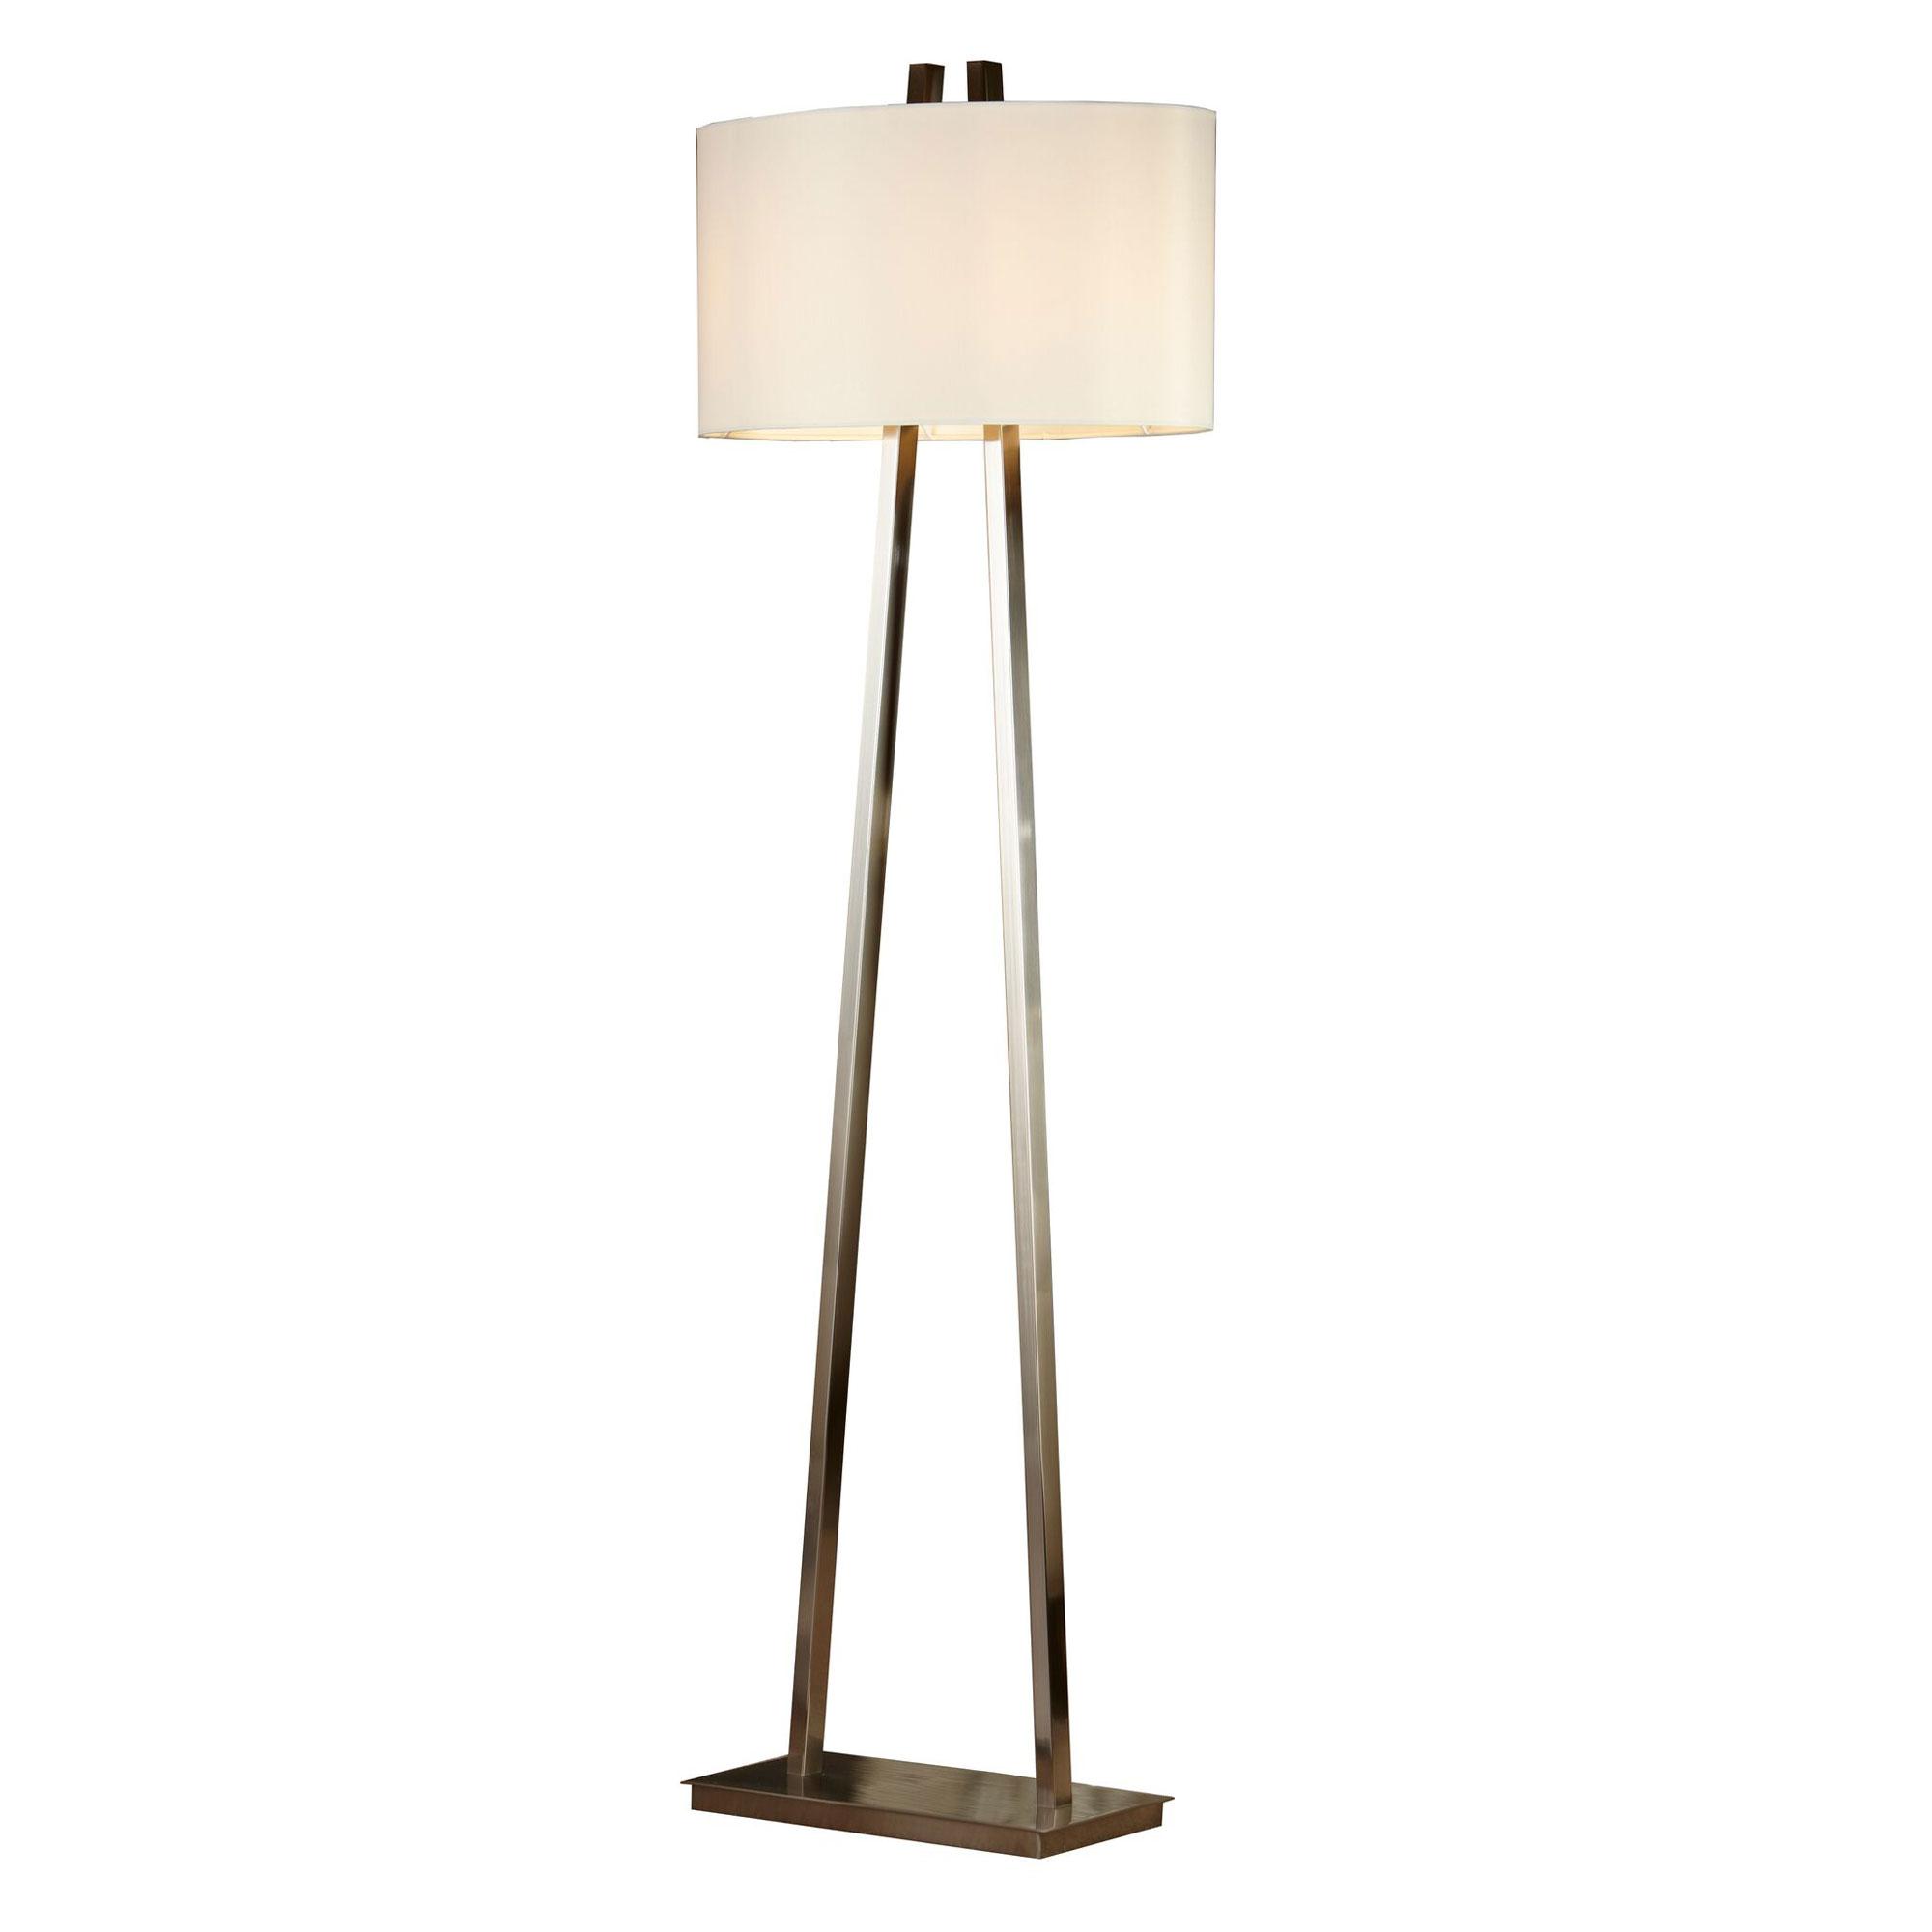 Baxter Floor Lamp This Brushed nickel floor lamp 5889